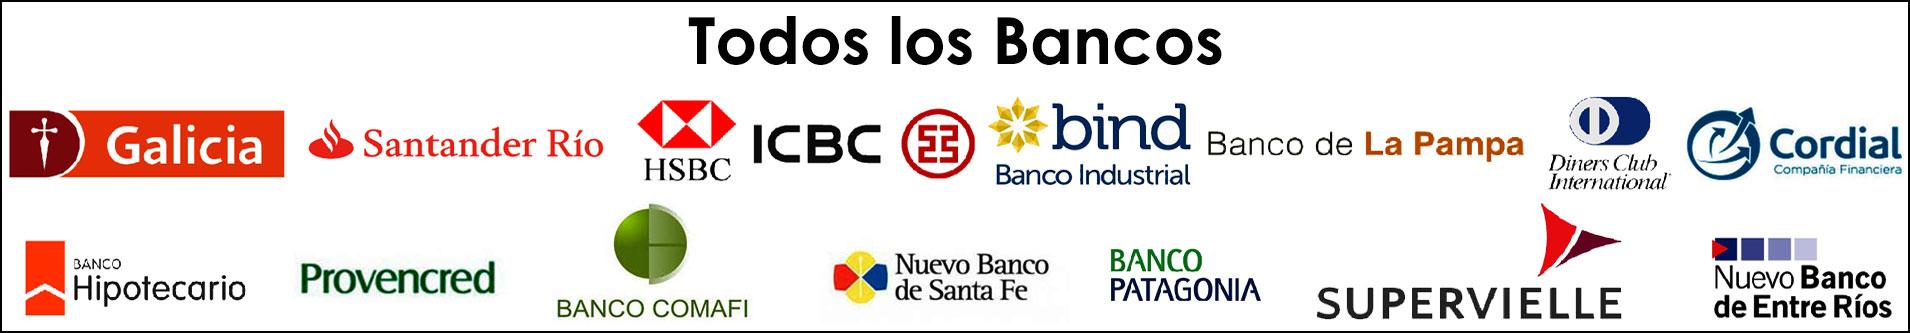 Slider-Mercadopago-Todos-los-Bancos.jpg